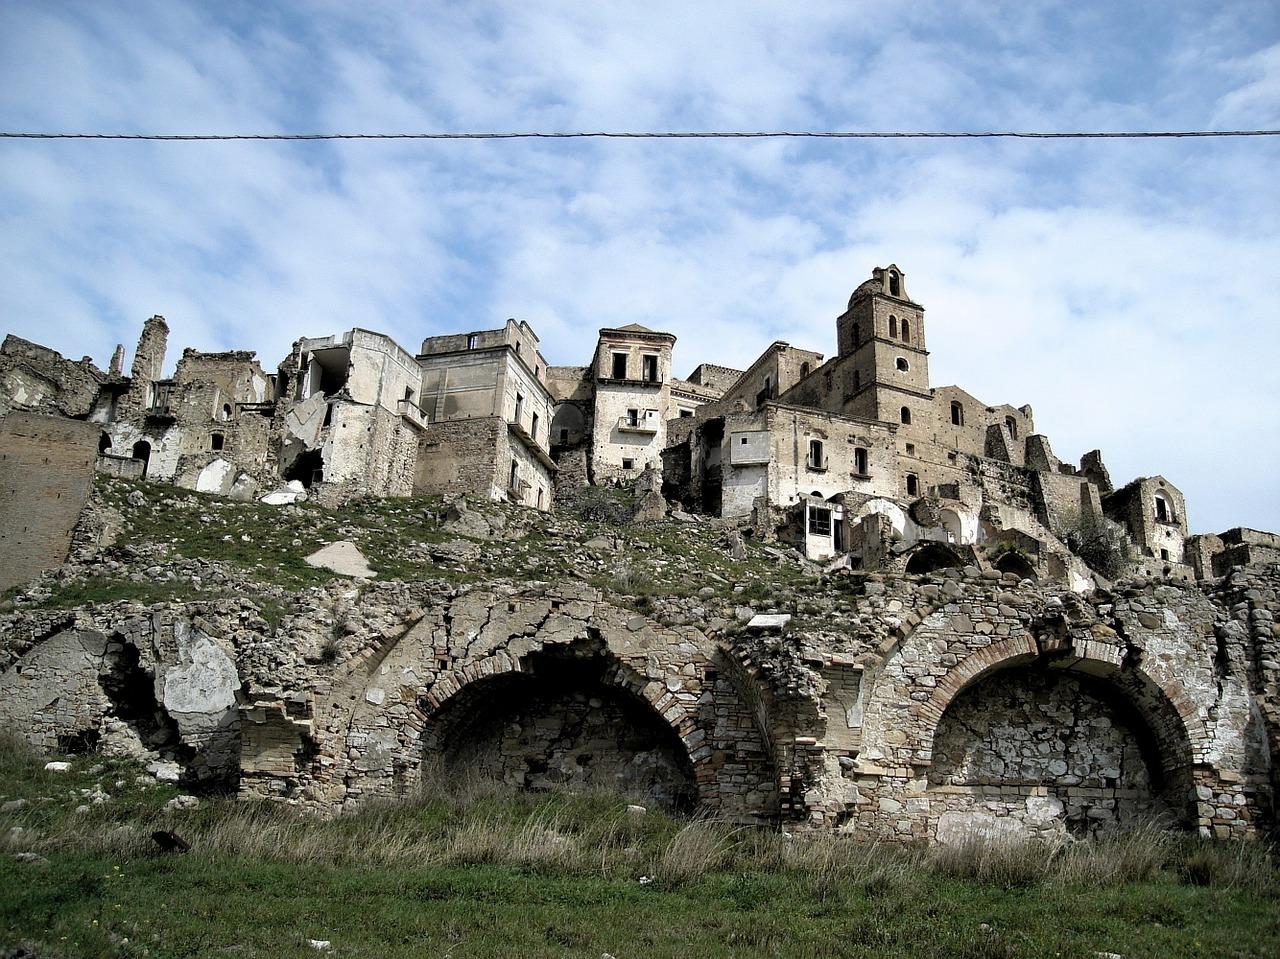 Villaggio di Craco